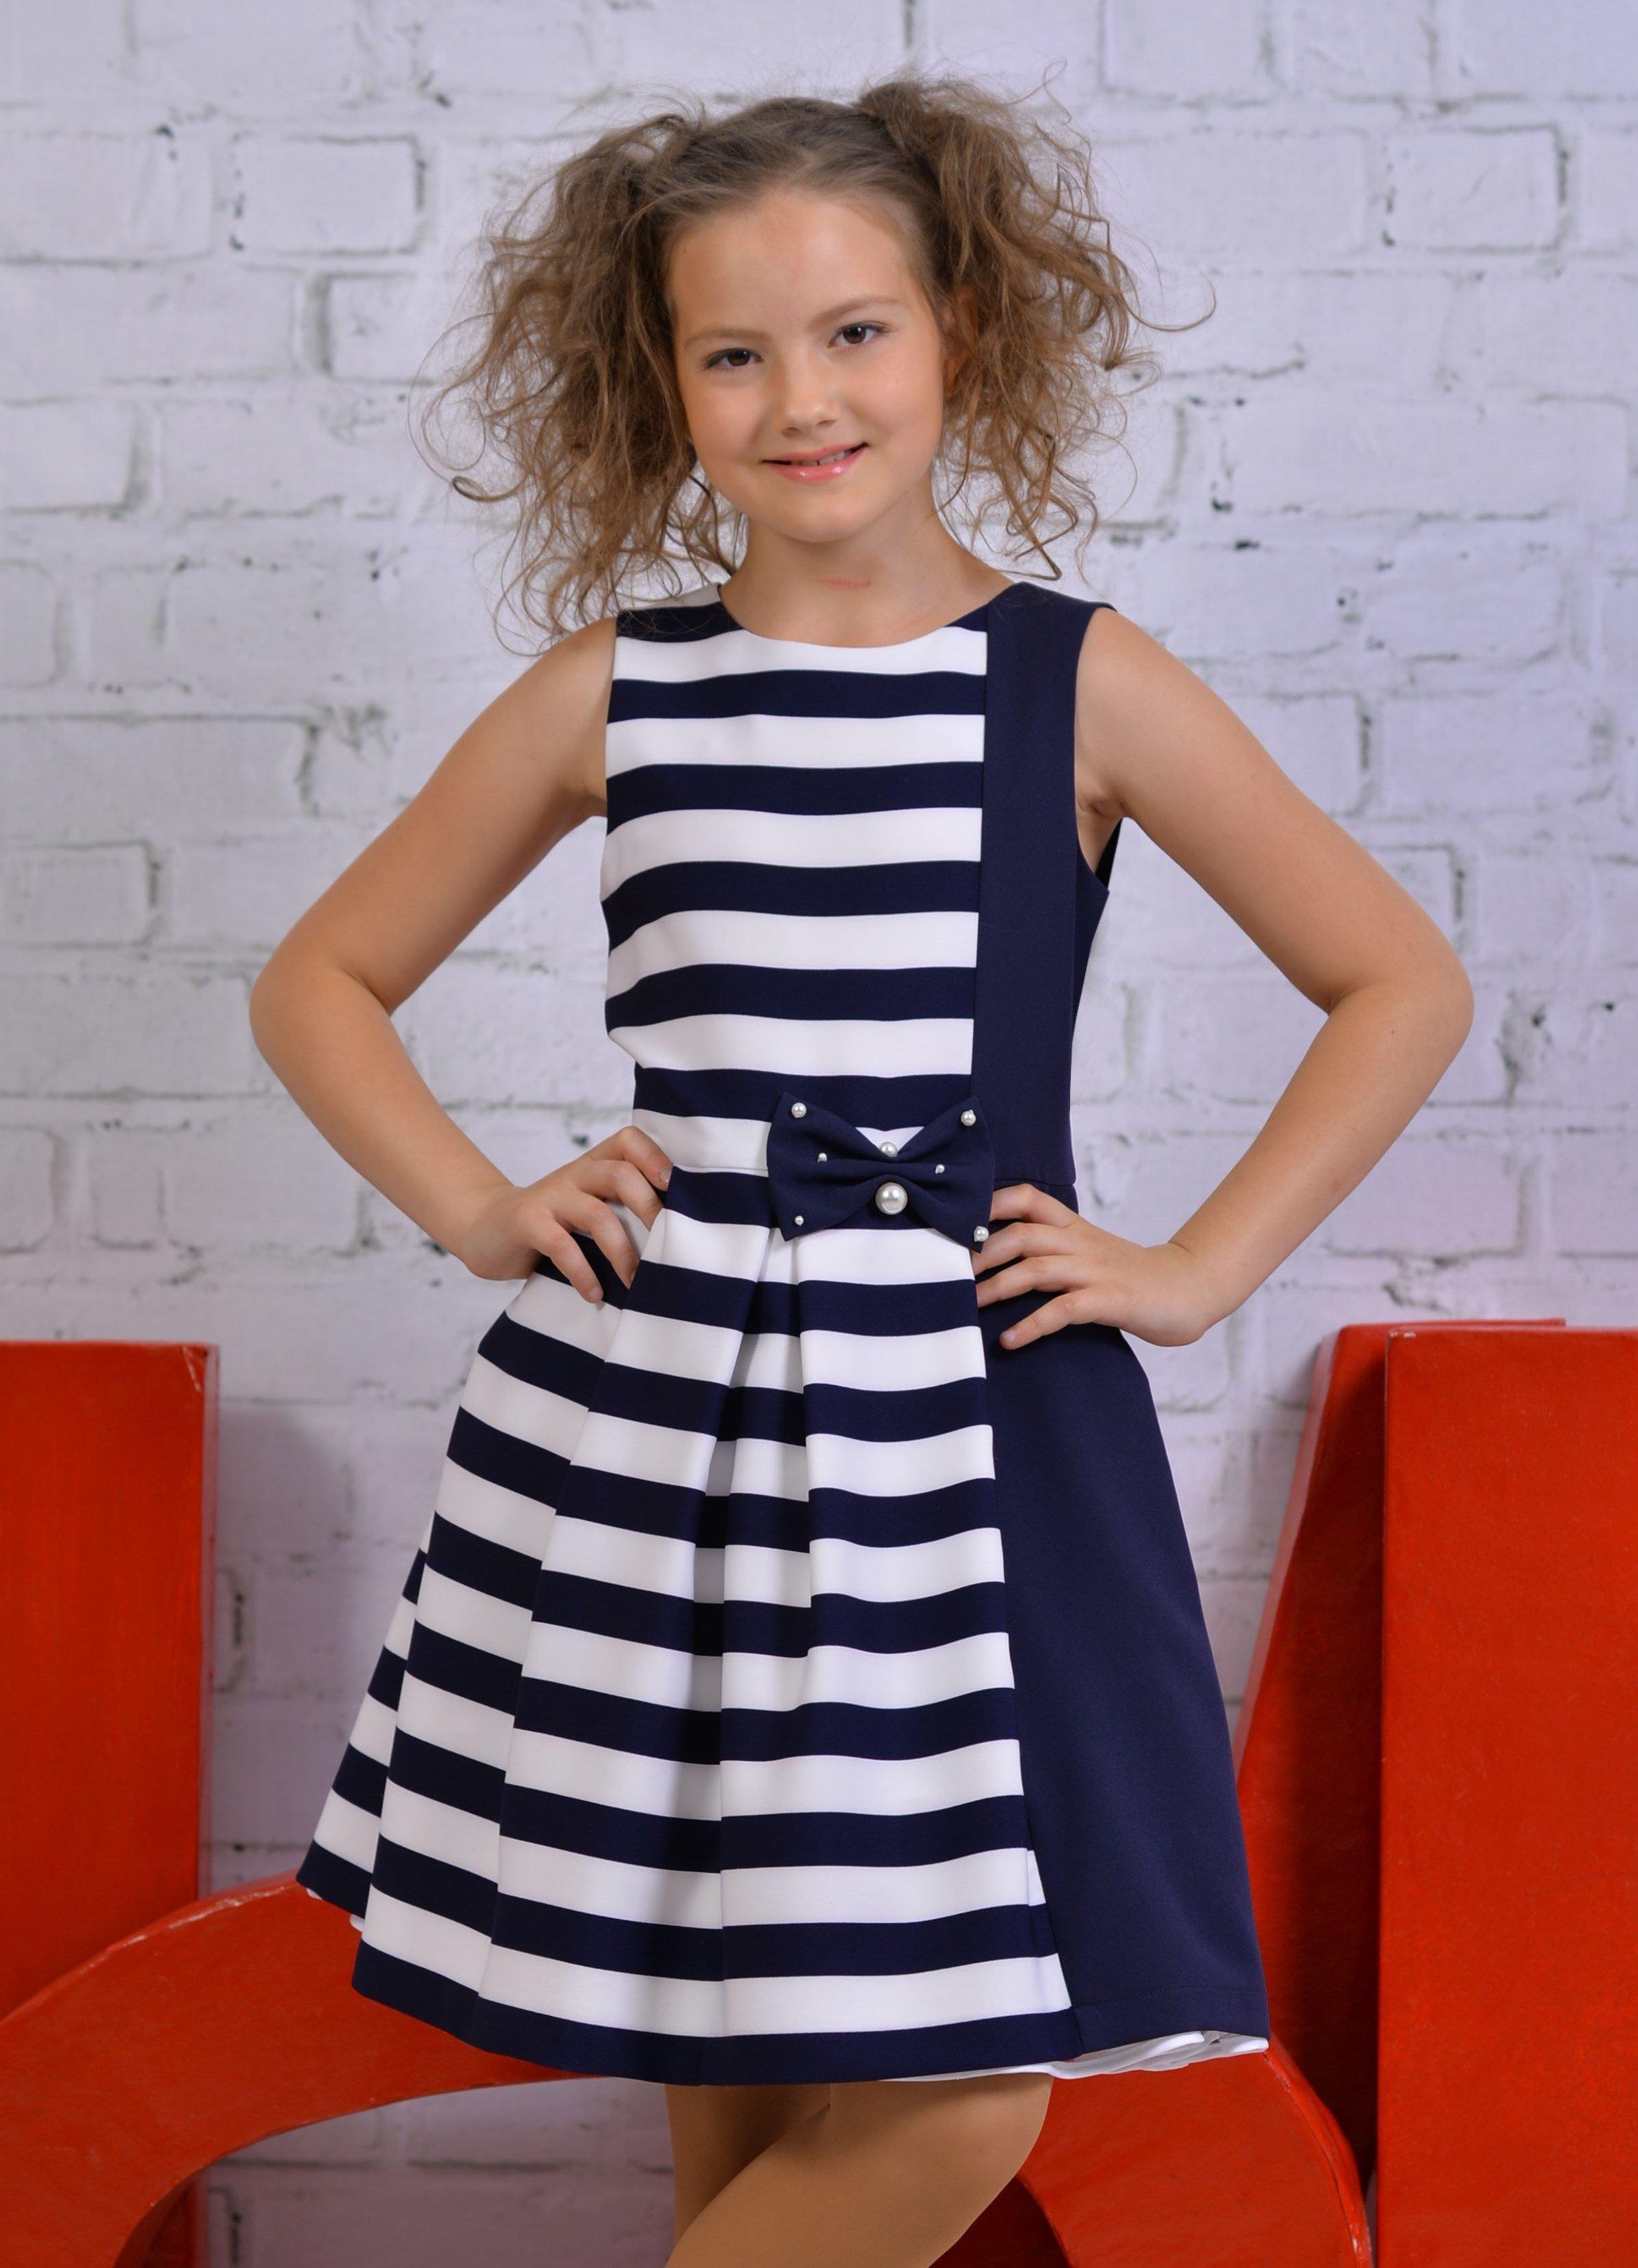 Платье для девочки DSDT036